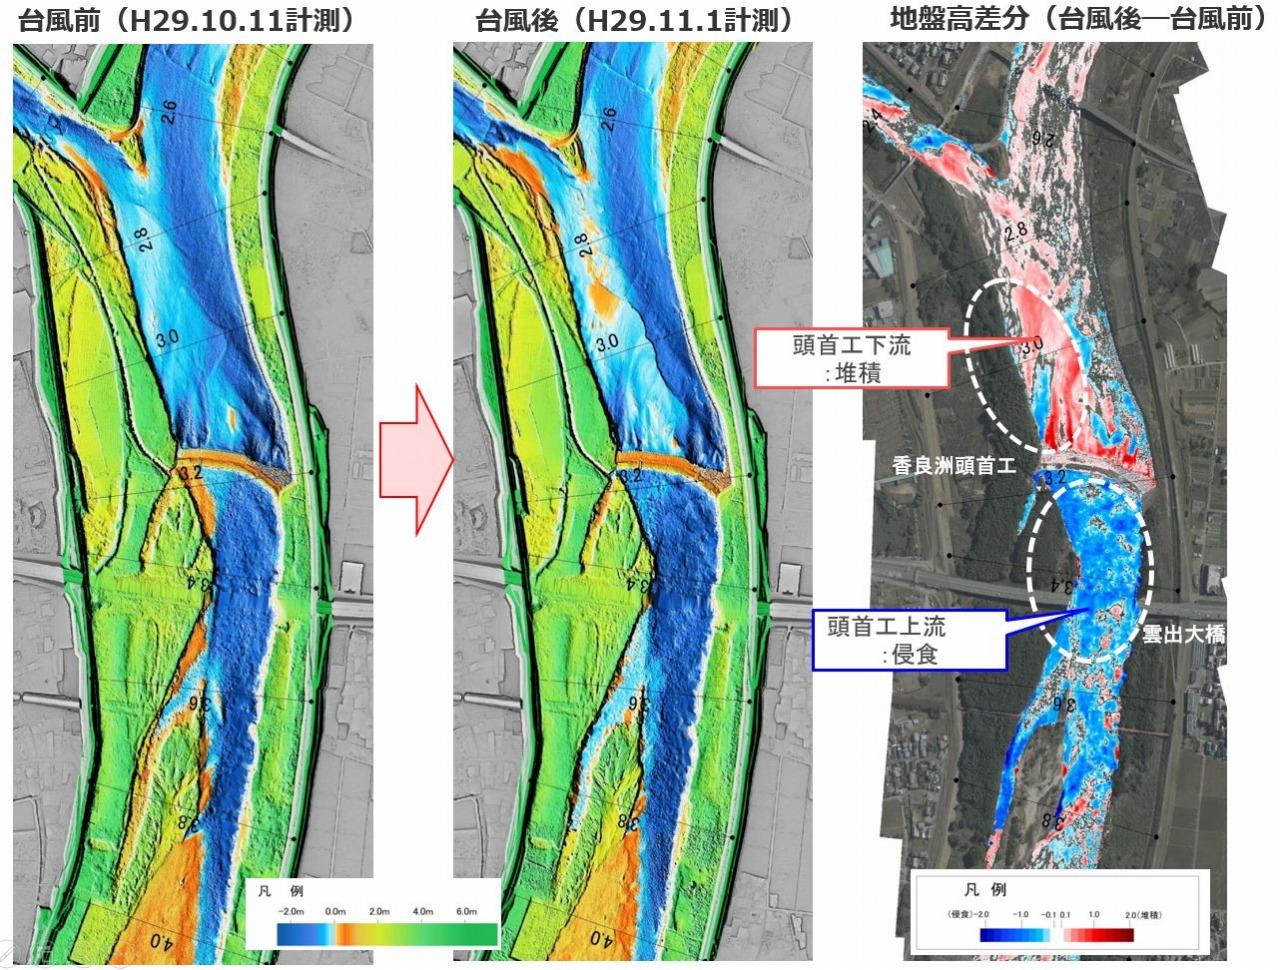 台風前後の河床地形の変化も詳細にわかるようになった。三重河川国道事務所提供